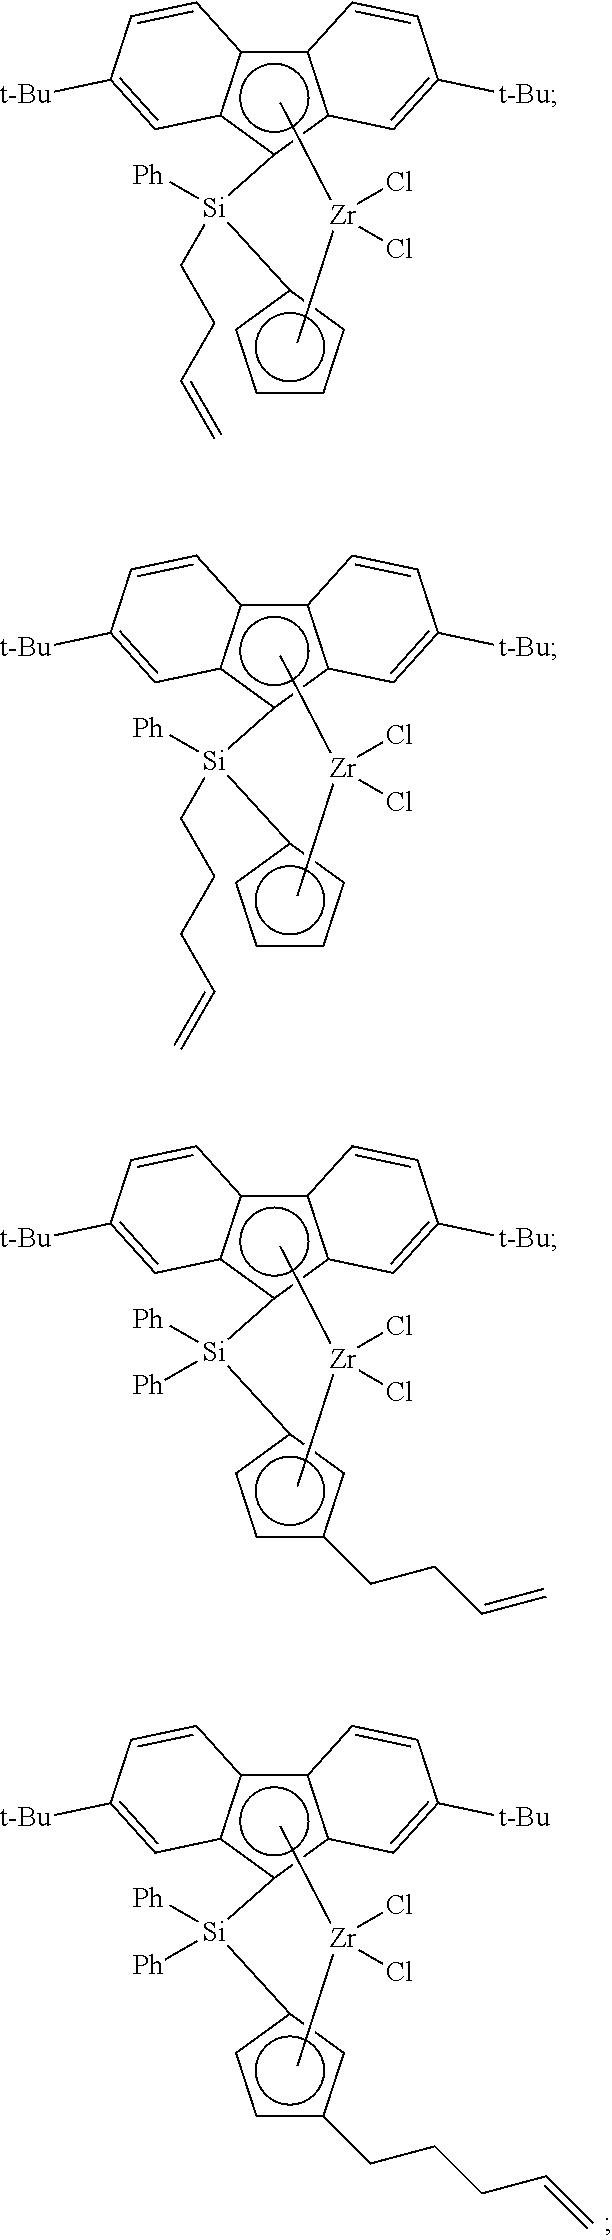 Figure US08501654-20130806-C00011